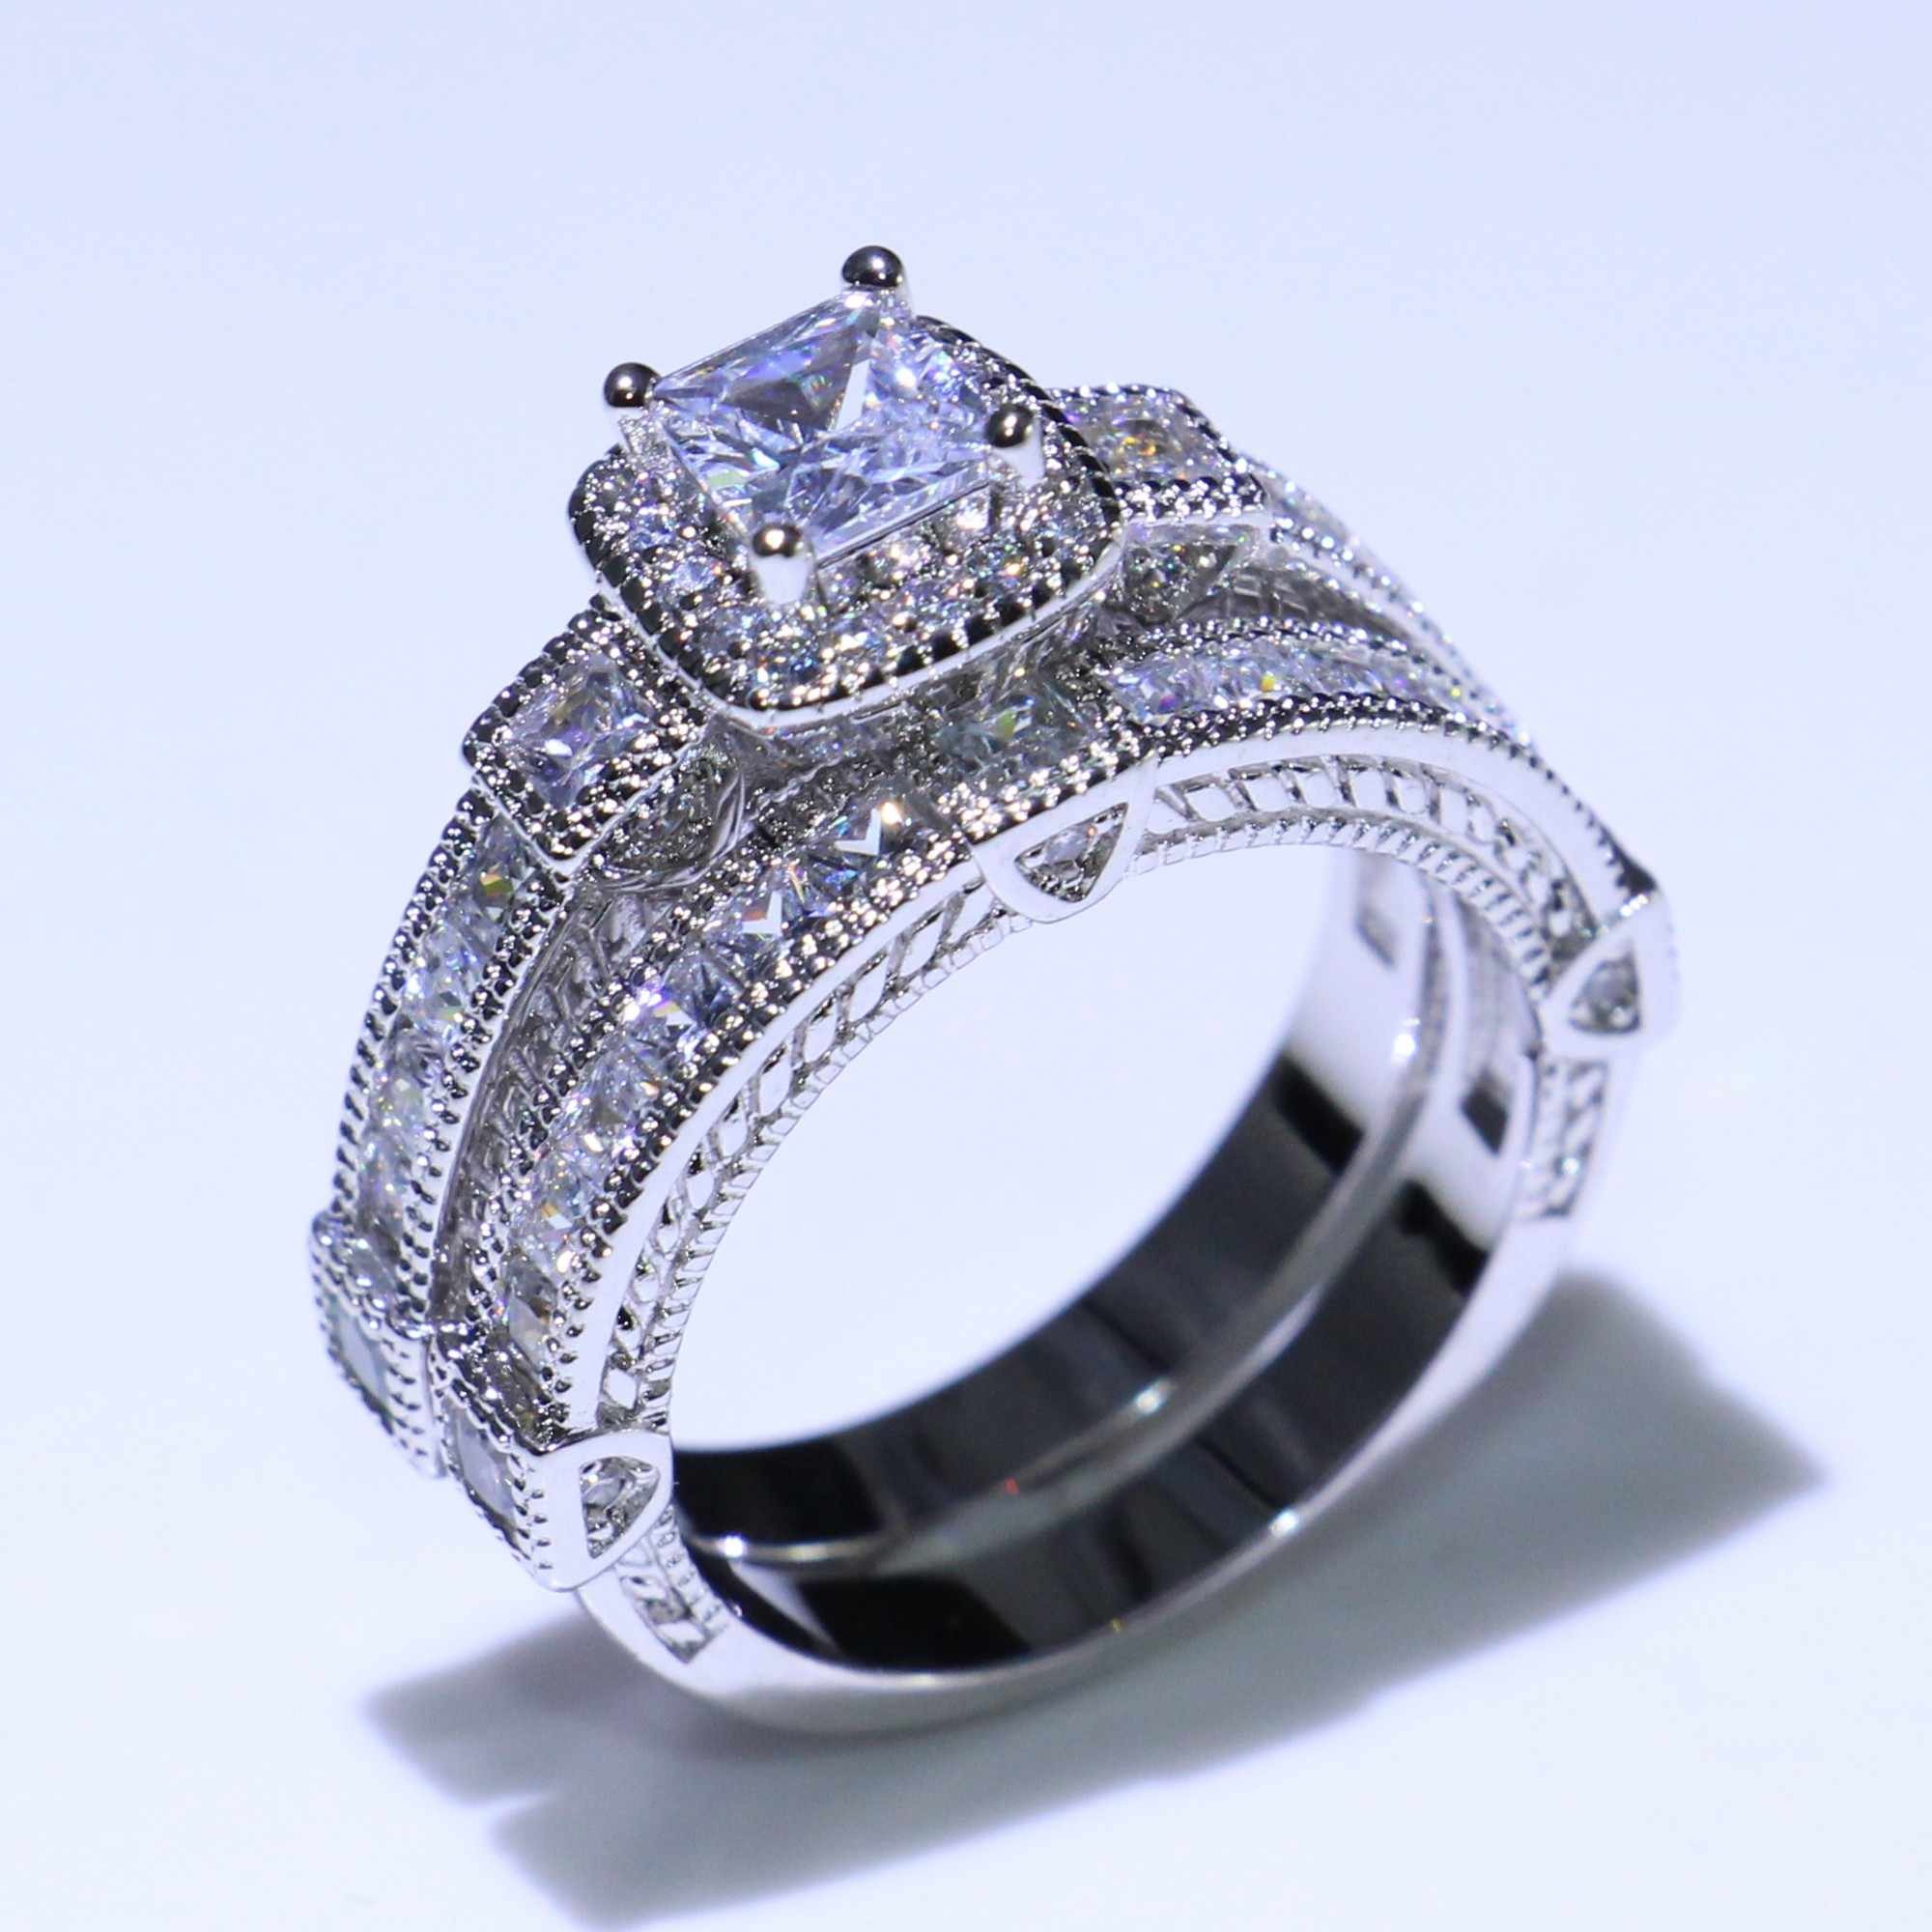 Retro เครื่องประดับคู่แหวน 925 เงินสเตอร์ลิงเจ้าหญิงตัดสีขาวใส 5A Cubic Zirconia สัญญาผู้หญิงแต่งงานชุดเจ้าสาว